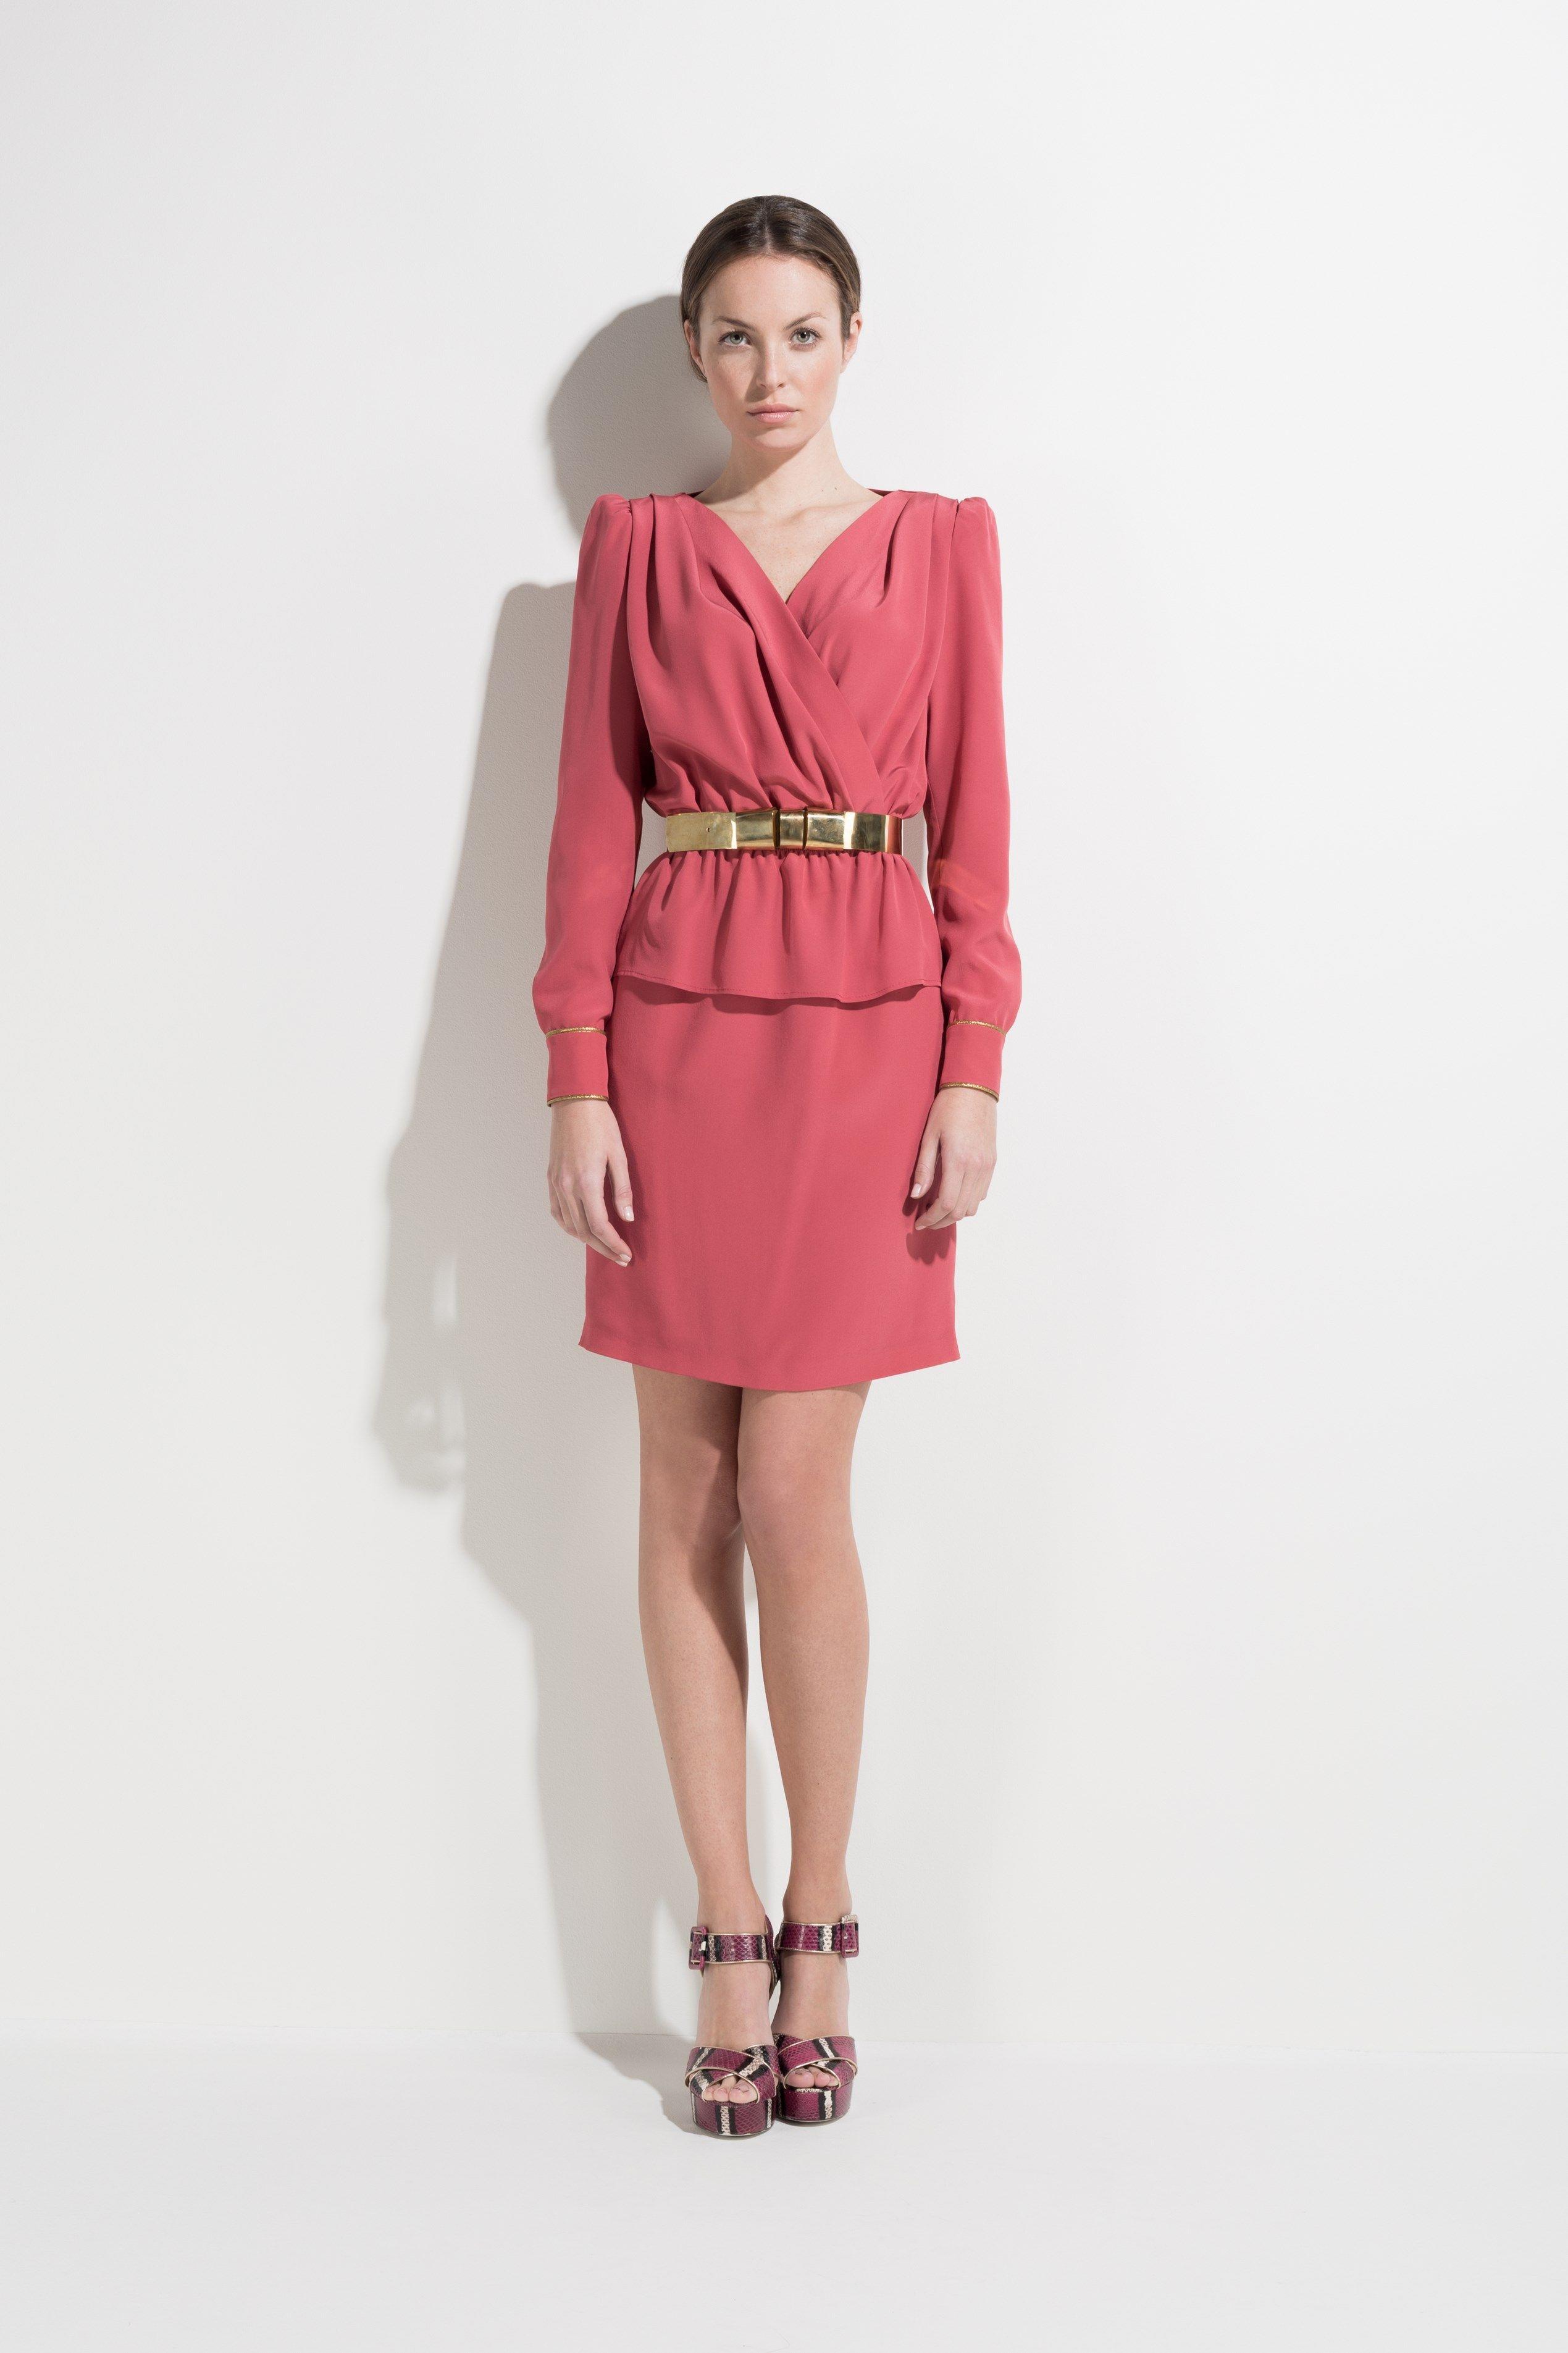 Pin de Candela Crespo Alcalá en Dress2Impress | Pinterest | Vestido ...